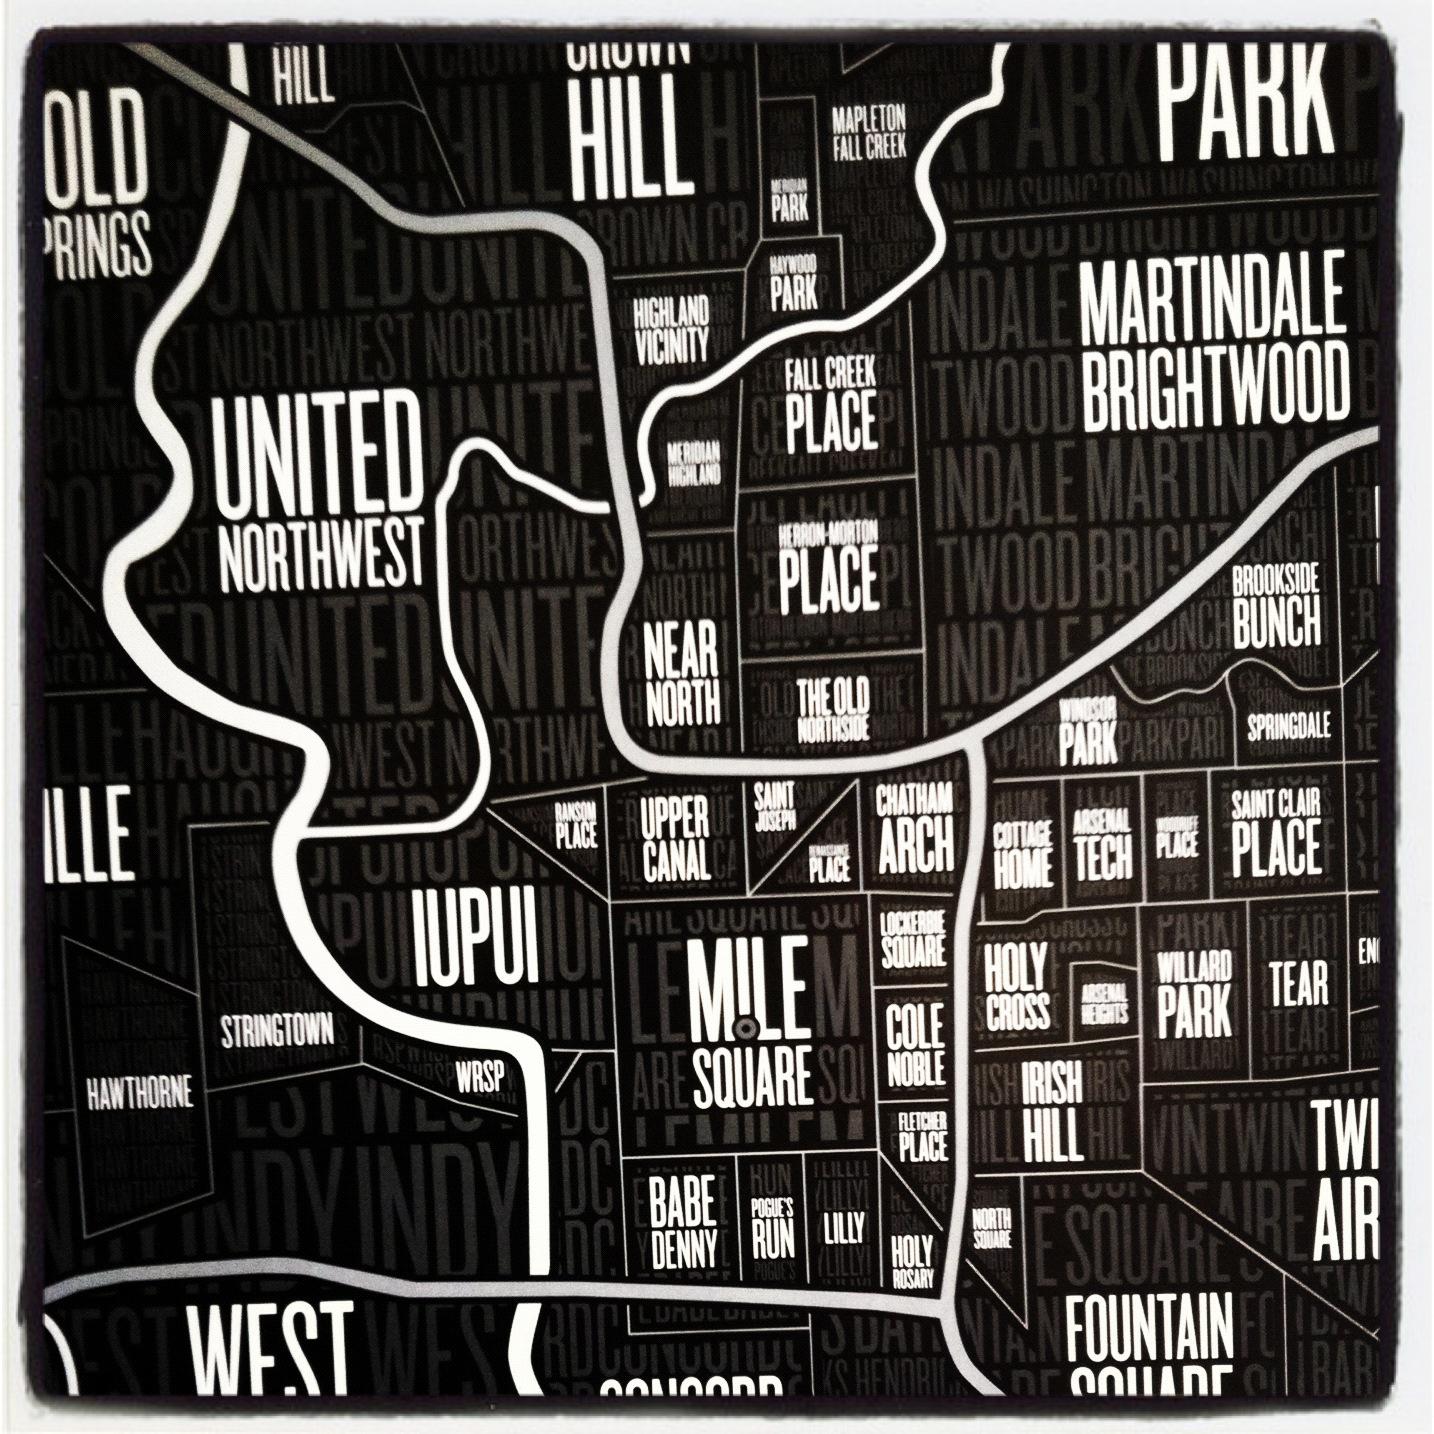 Historic Indianapolis Neighborhoods